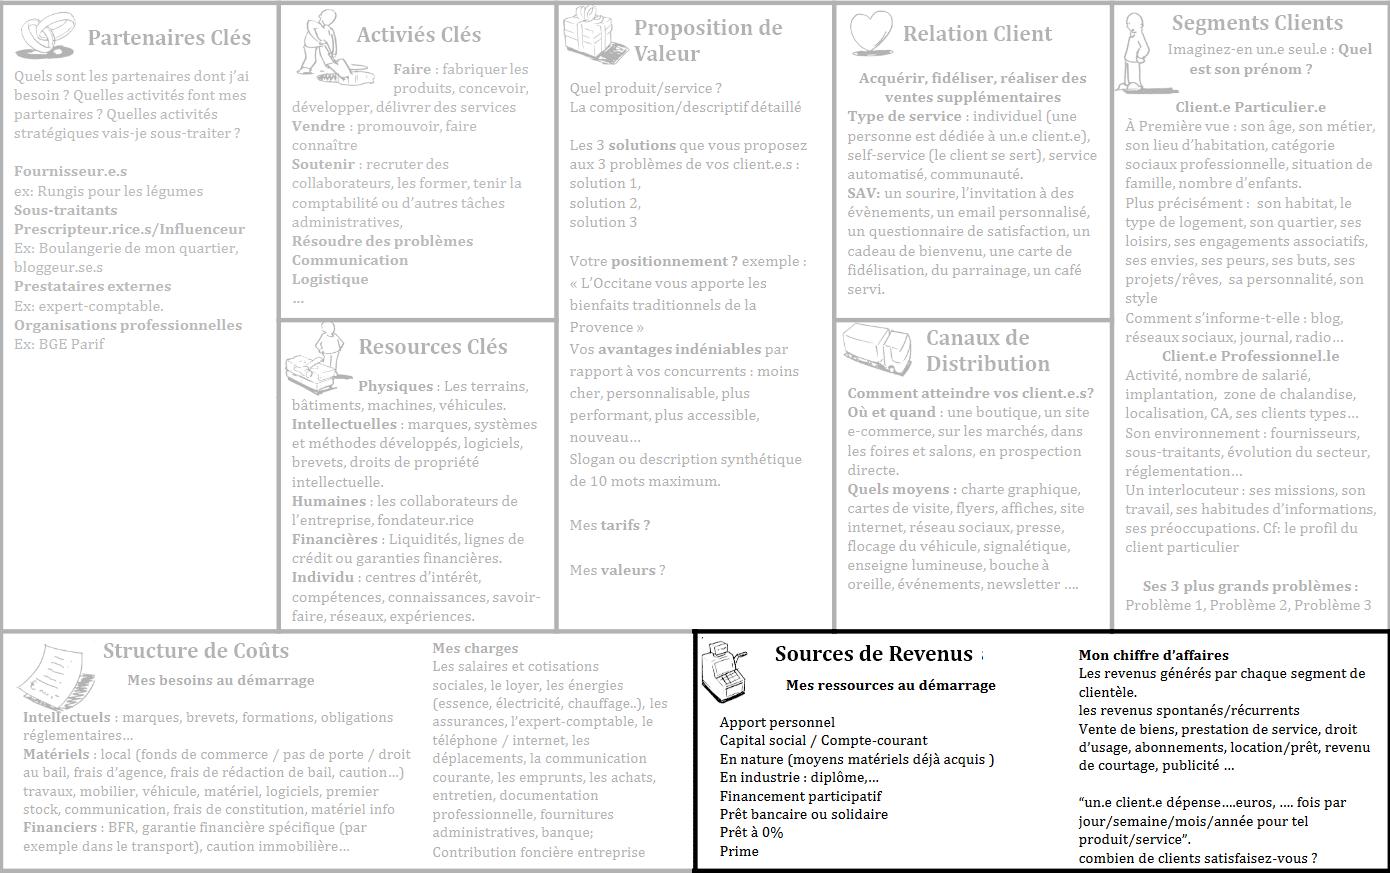 Business-model-canvas-tableau-sources-de-revenus